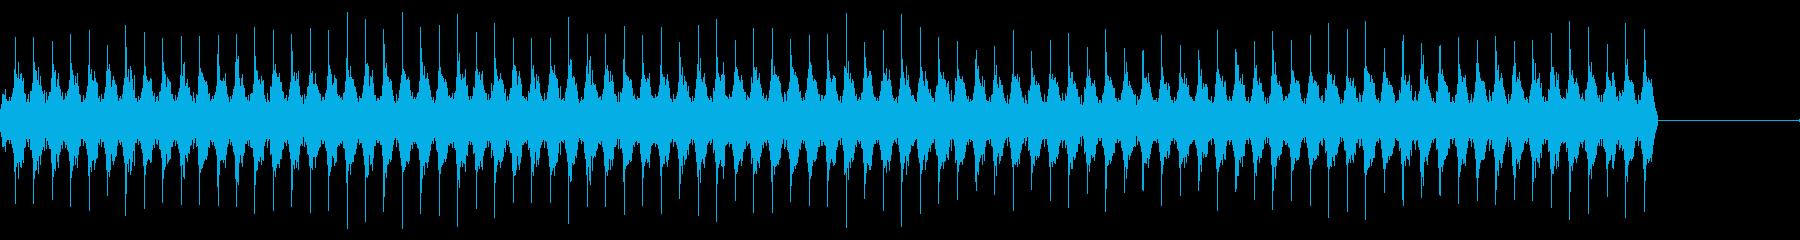 蒸気機関、マンクテル1889、ラン...の再生済みの波形